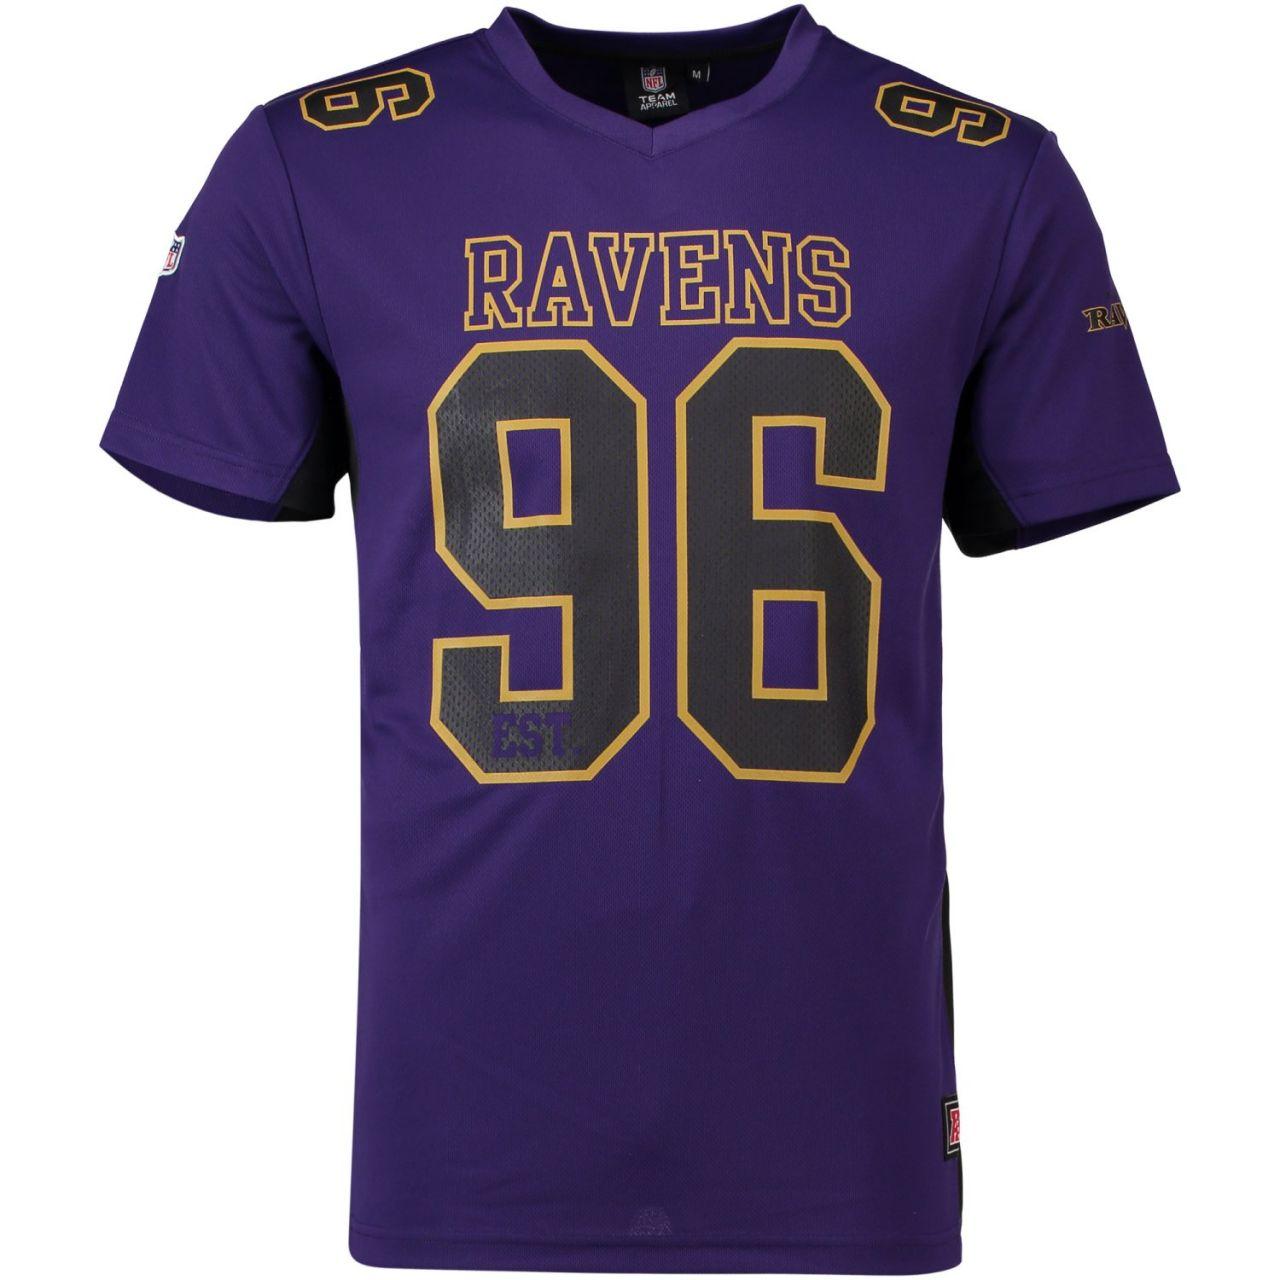 amfoo - Majestic NFL MORO Polymesh Jersey Shirt - Baltimore Ravens